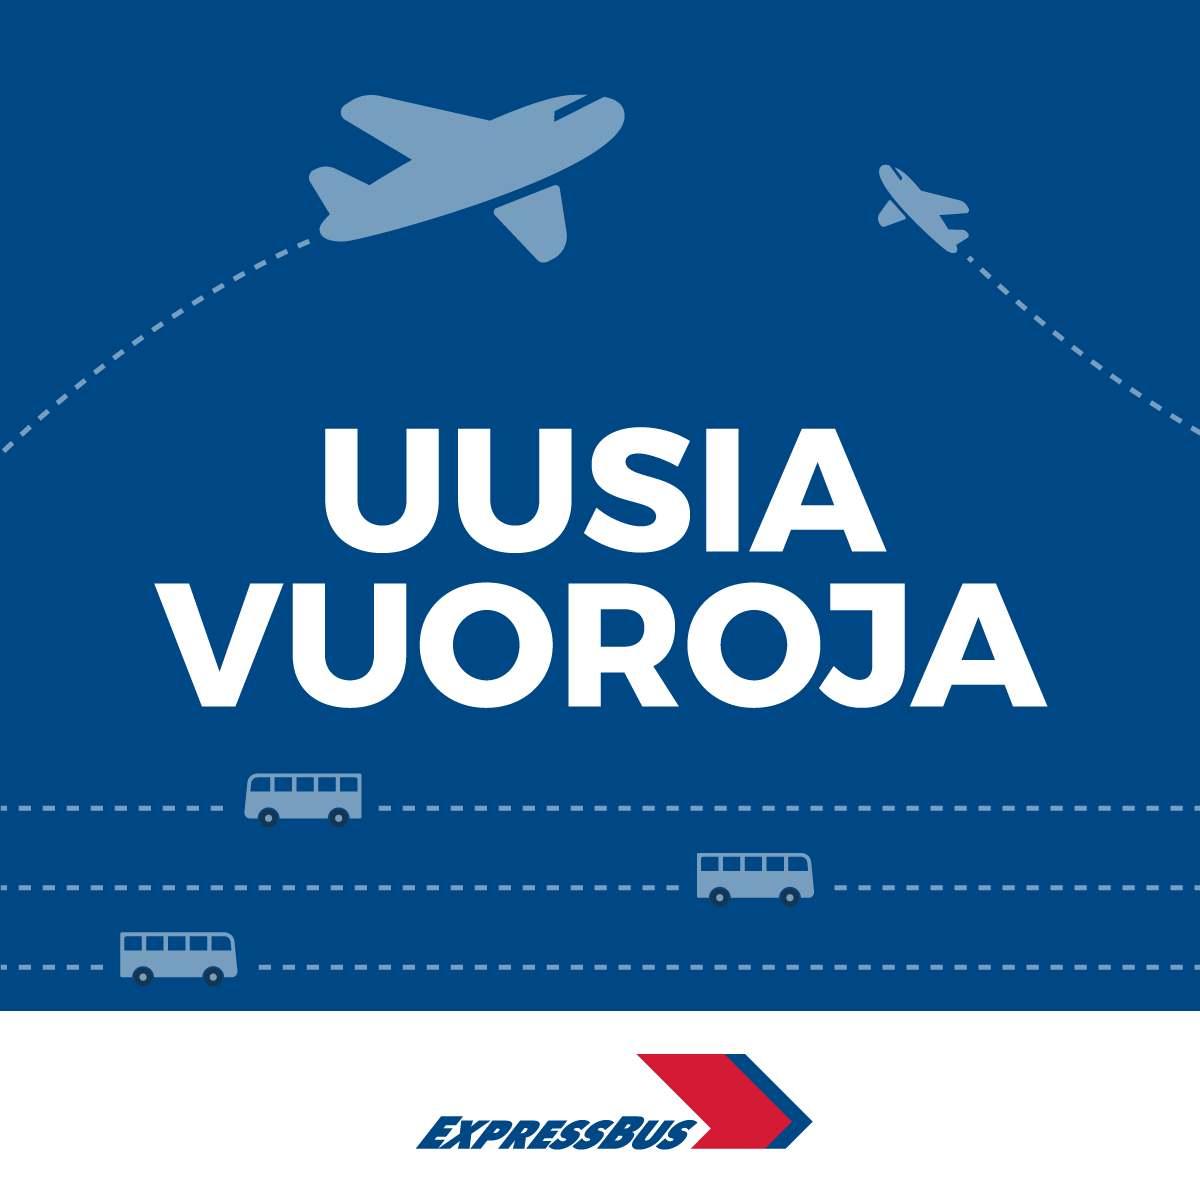 Uusia vuoroja Helsinkiin ja Helsinki-Vantaan lentoasemalle!